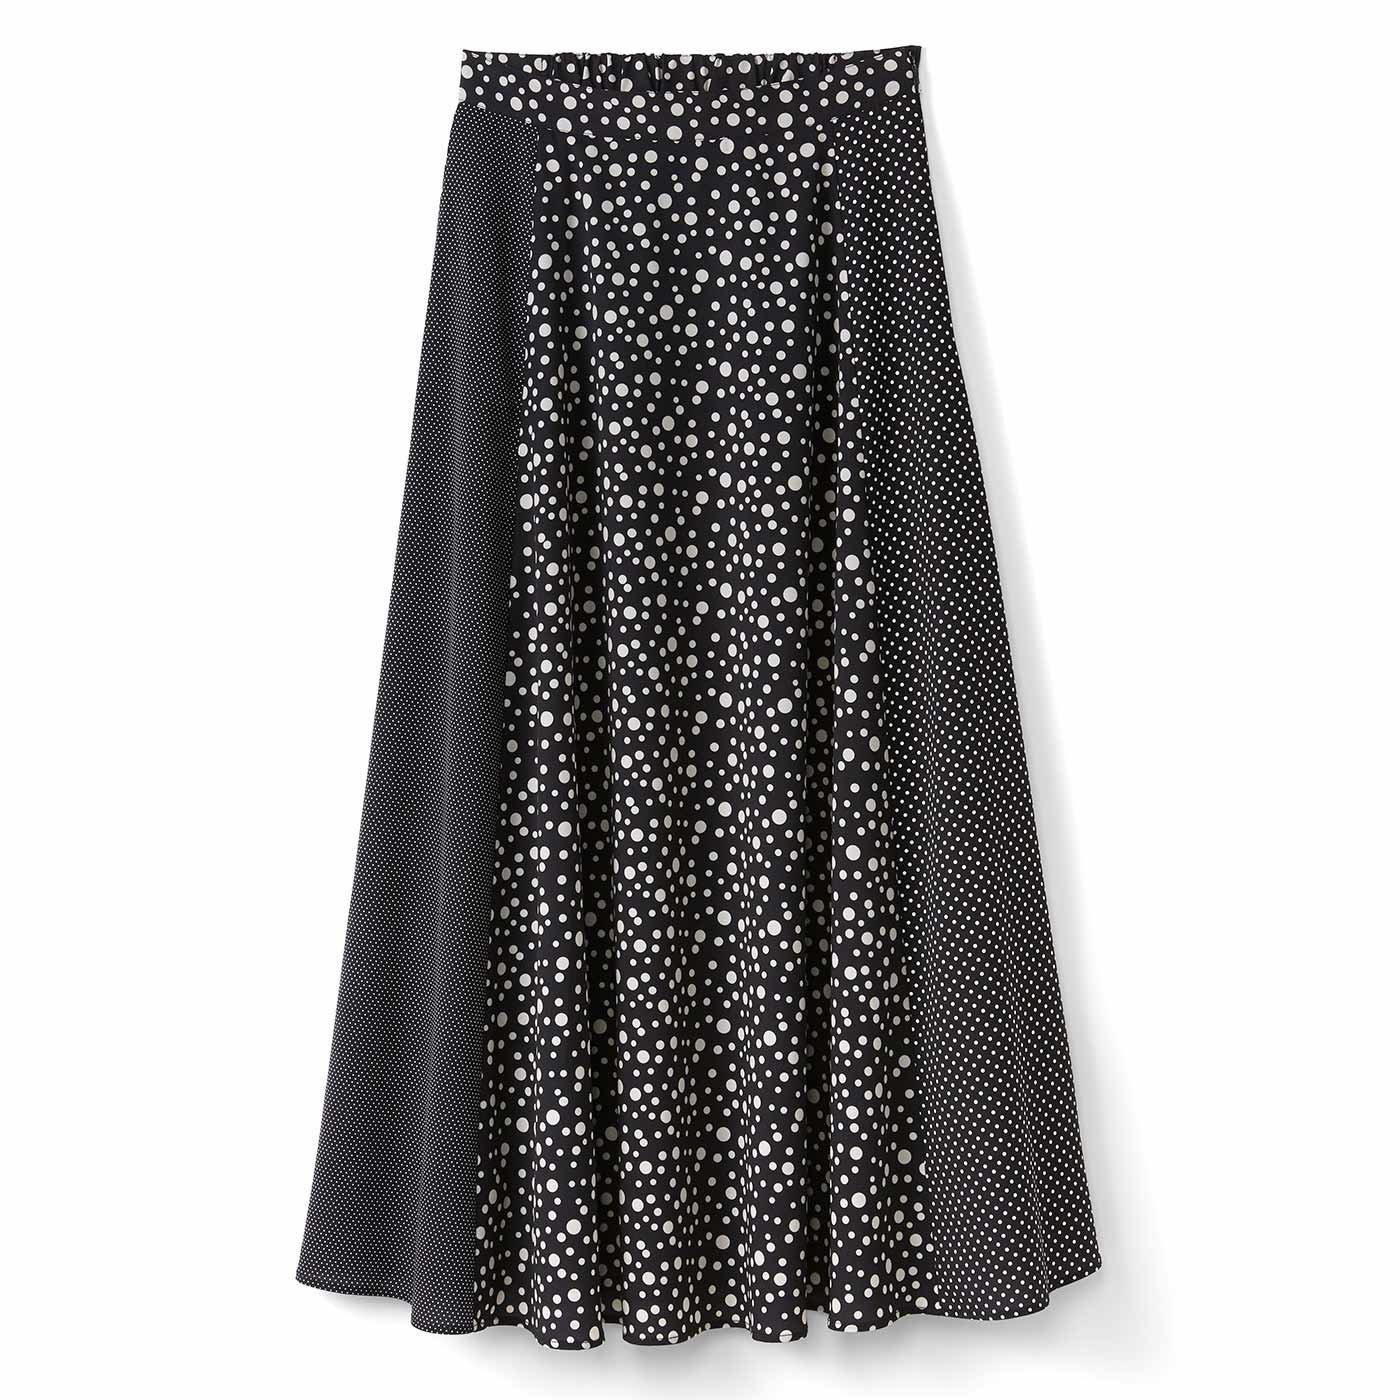 IEDIT[イディット] いろんな大きさのドット柄プリントがおしゃれ気分を盛り上げる フレアーロングスカート〈ブラック〉